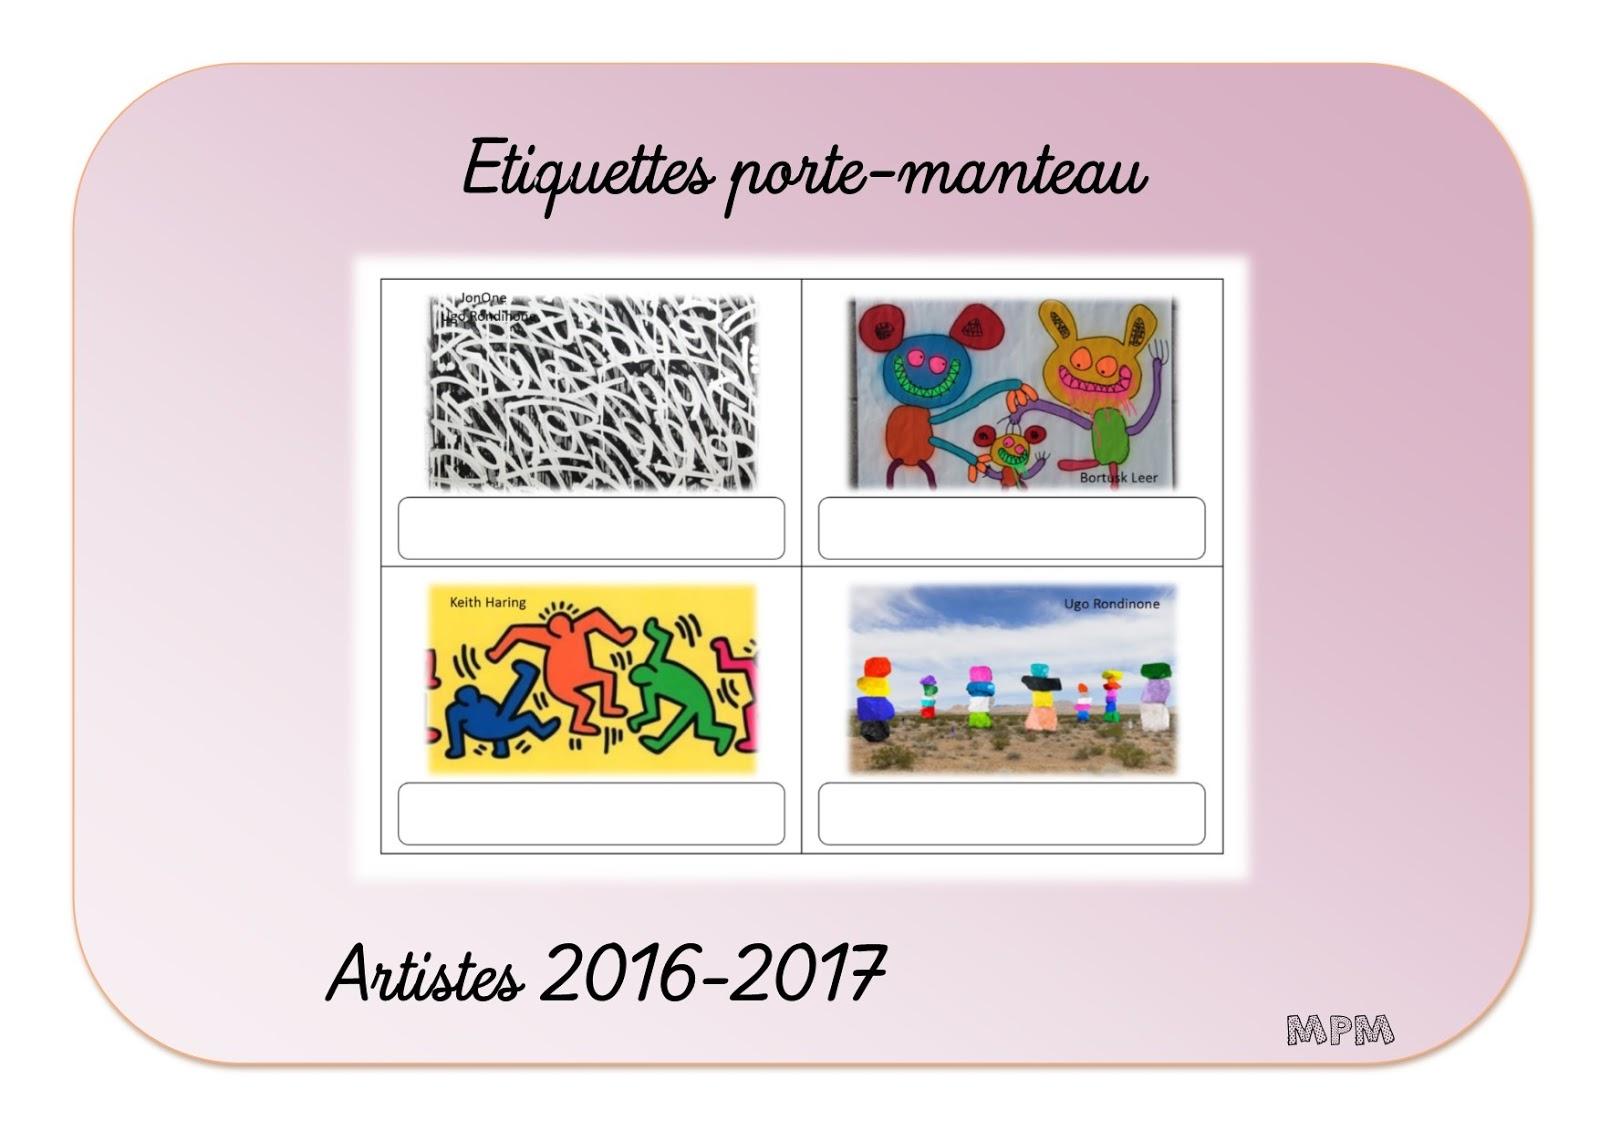 Magnifique Etiquettes porte-manteau 2016 #XJ_39